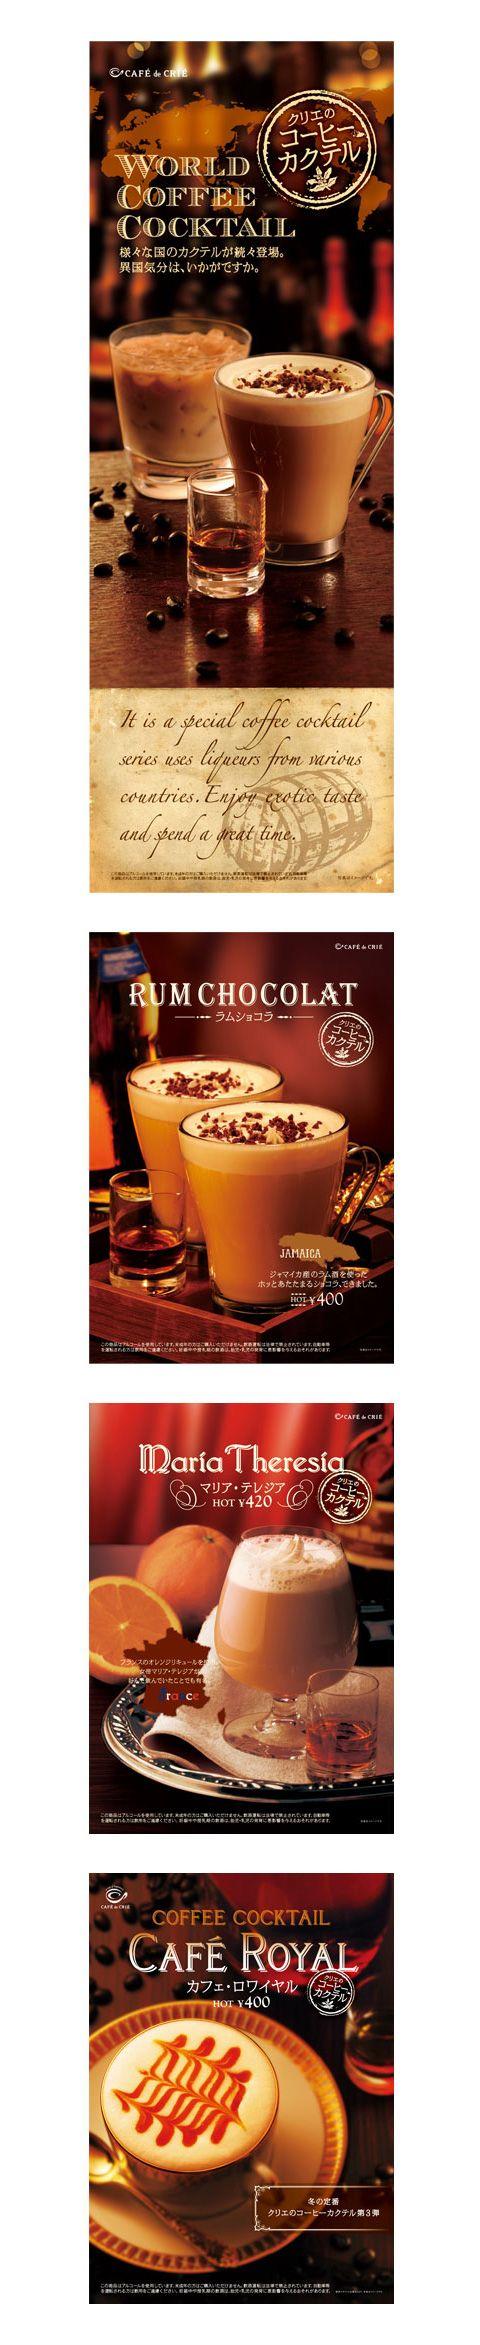 ポッカクリエイト 店頭販促ツール「カフェ・ド・クリエ コーヒーカクテル」